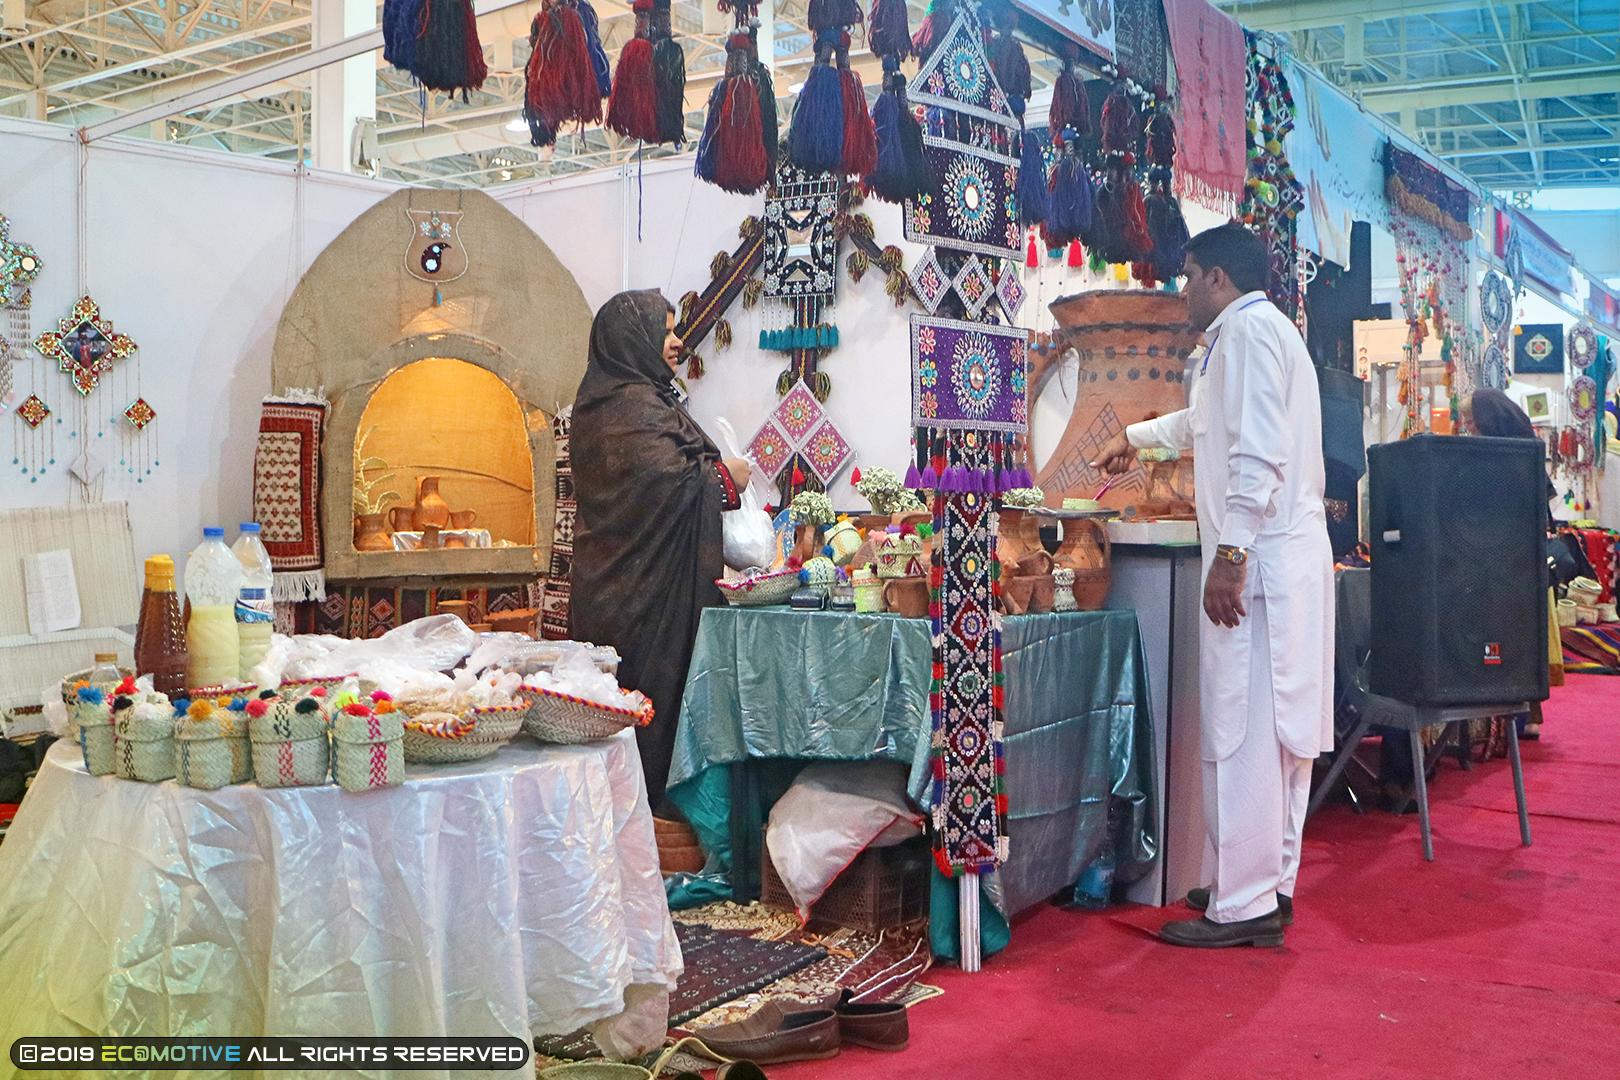 غرفه زنان روستایی در نمایشگاه توانمندیهای روستاییان و عشایر